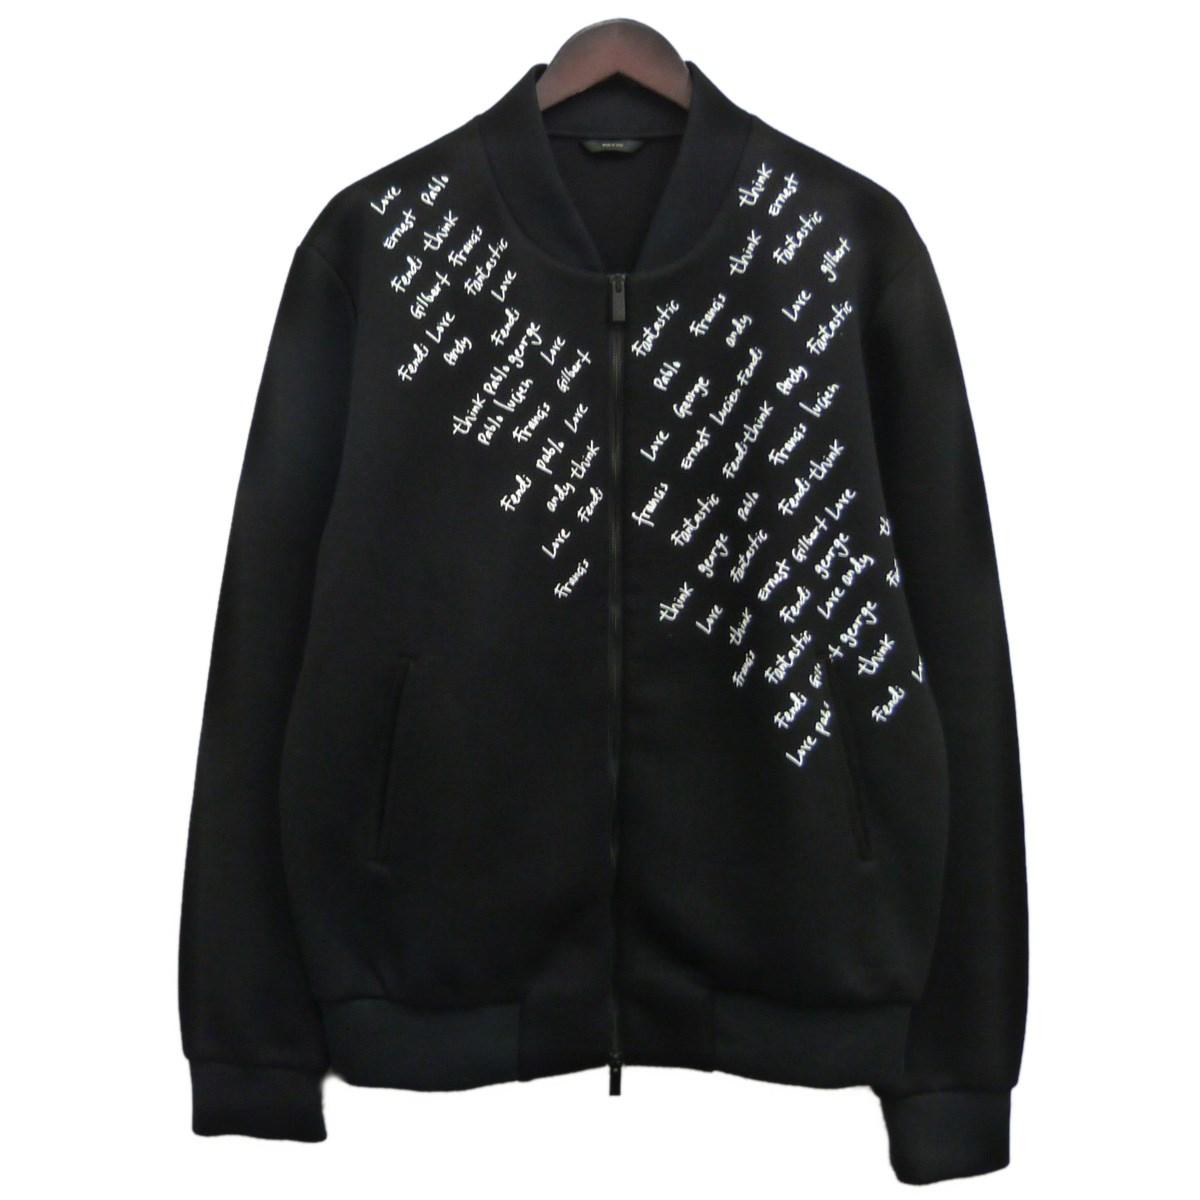 【中古】FENDI 英字刺繍ボンディングジャケット ブラック サイズ:48 【051119】(フェンディ)